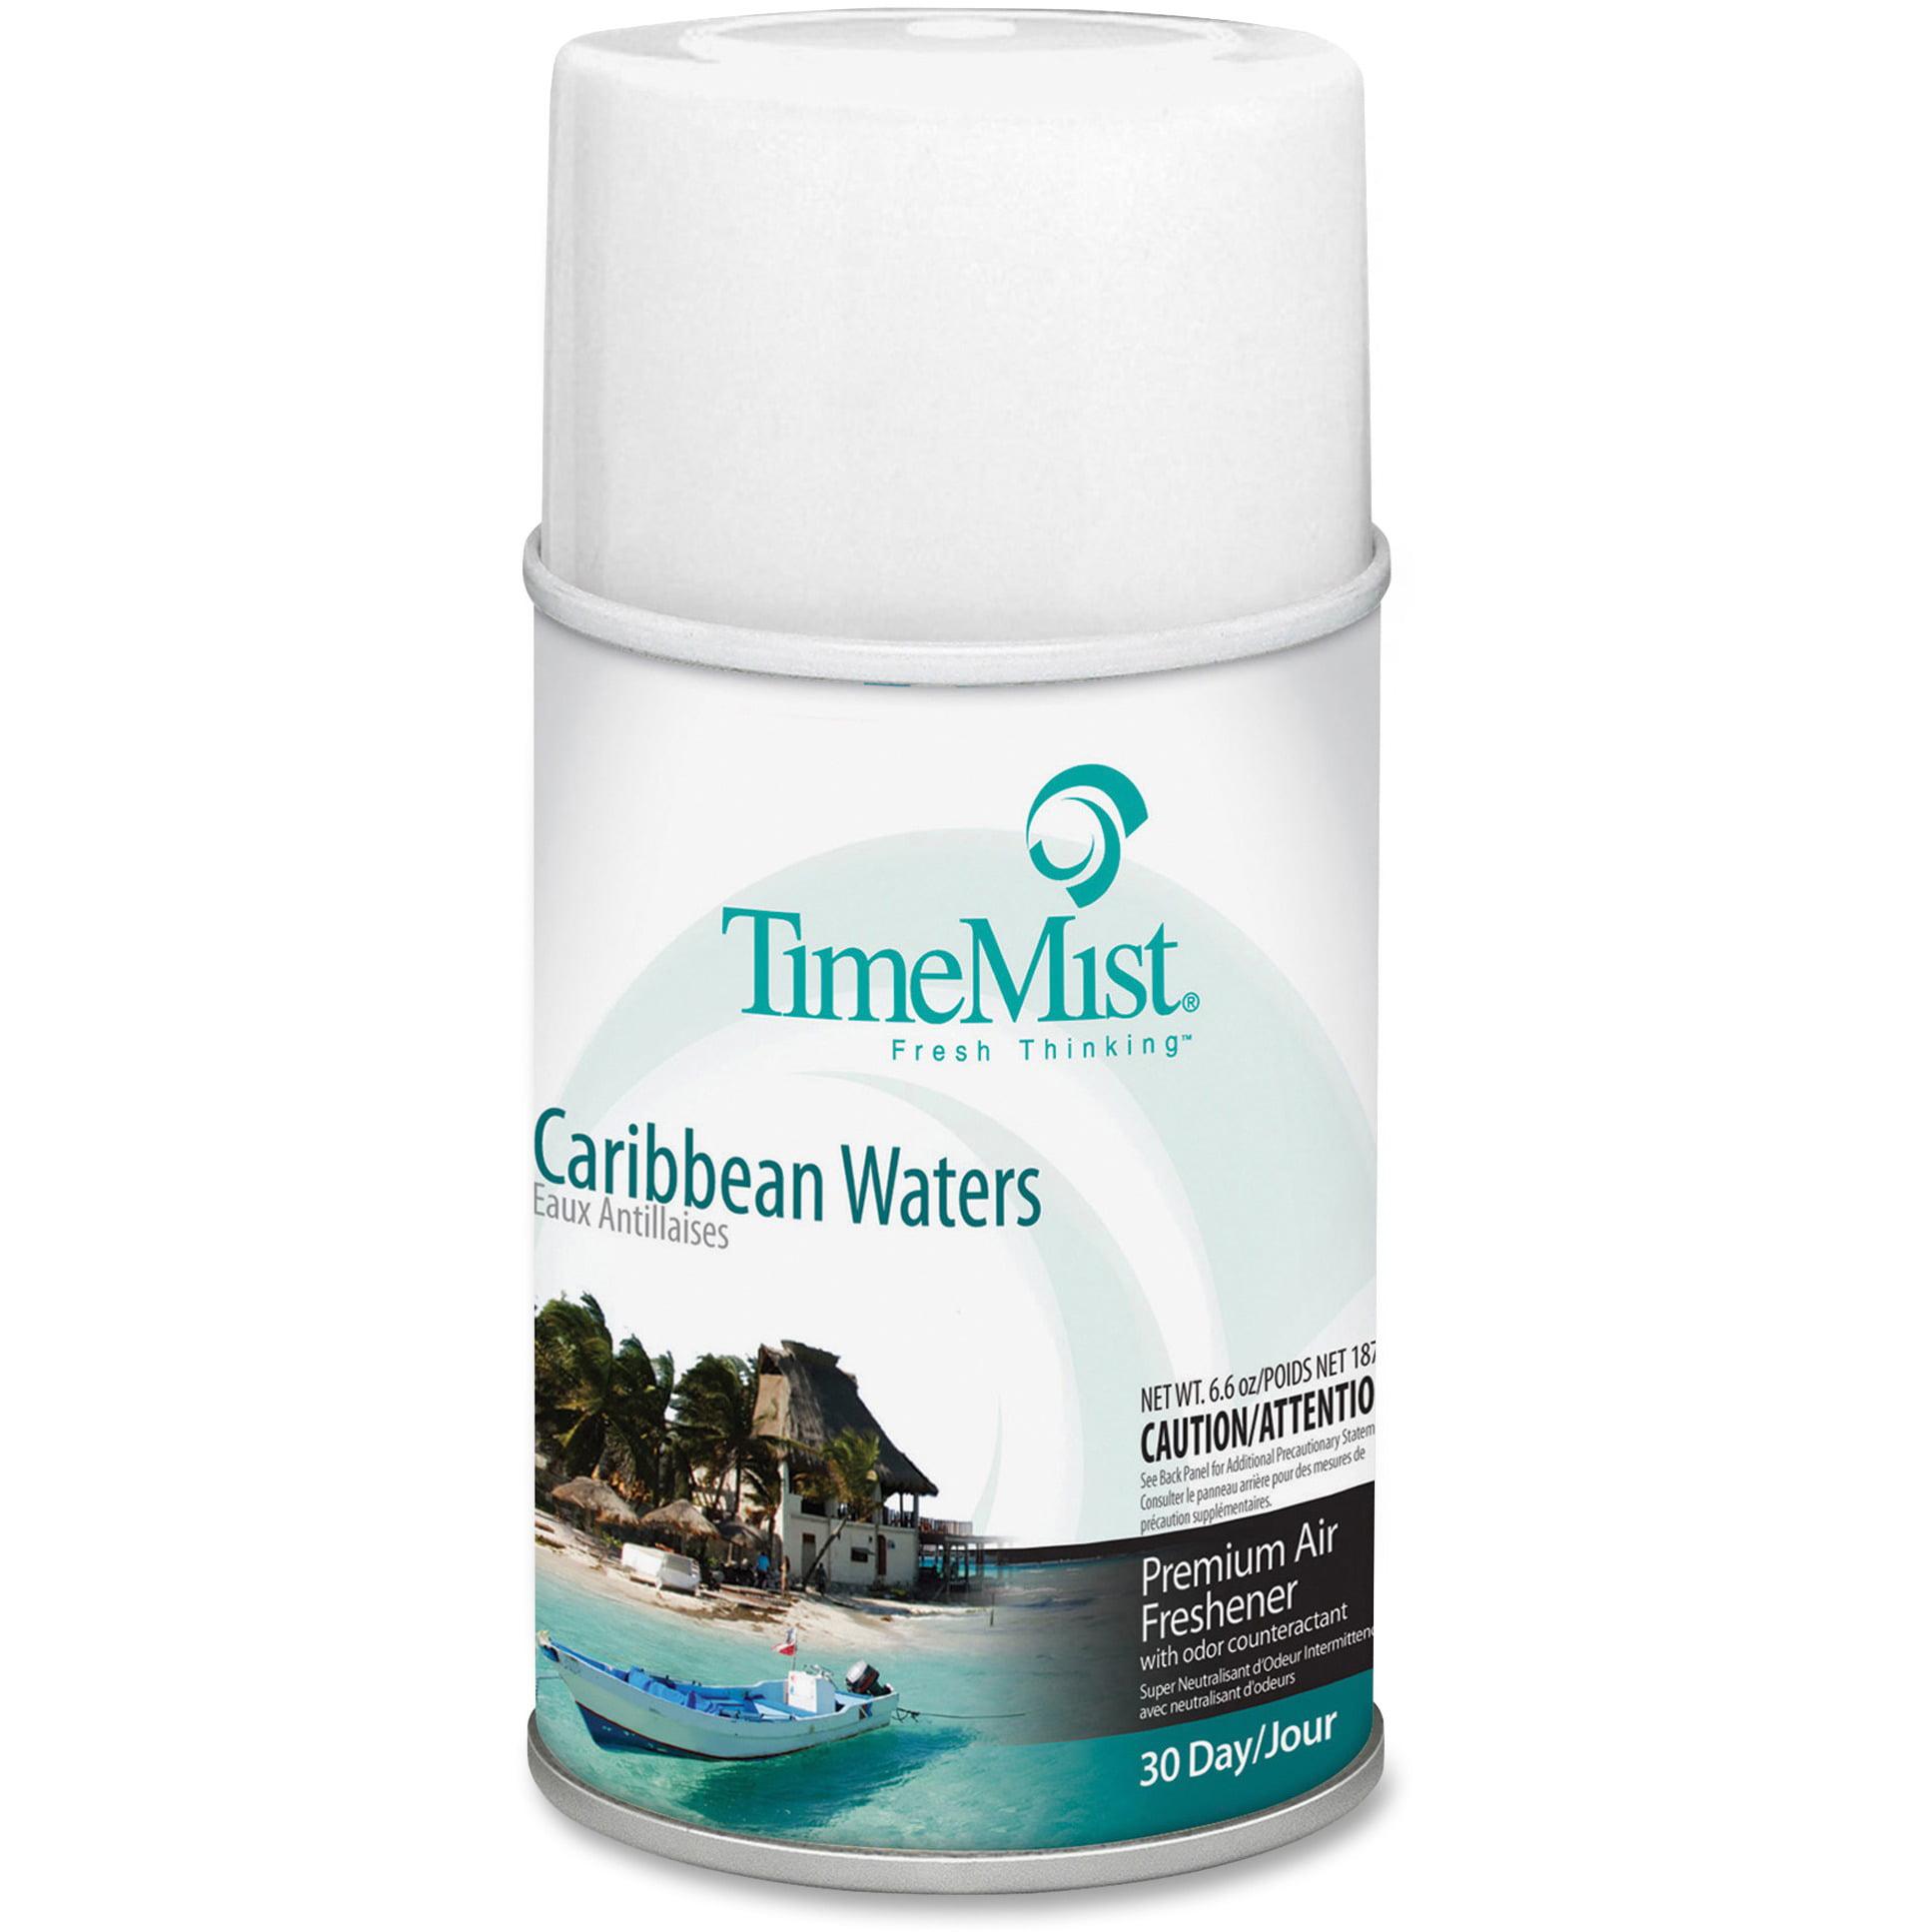 TimeMist, TMS1042756, Metered Dispenser Fragrance Spray Refill, 1 Each, Clear